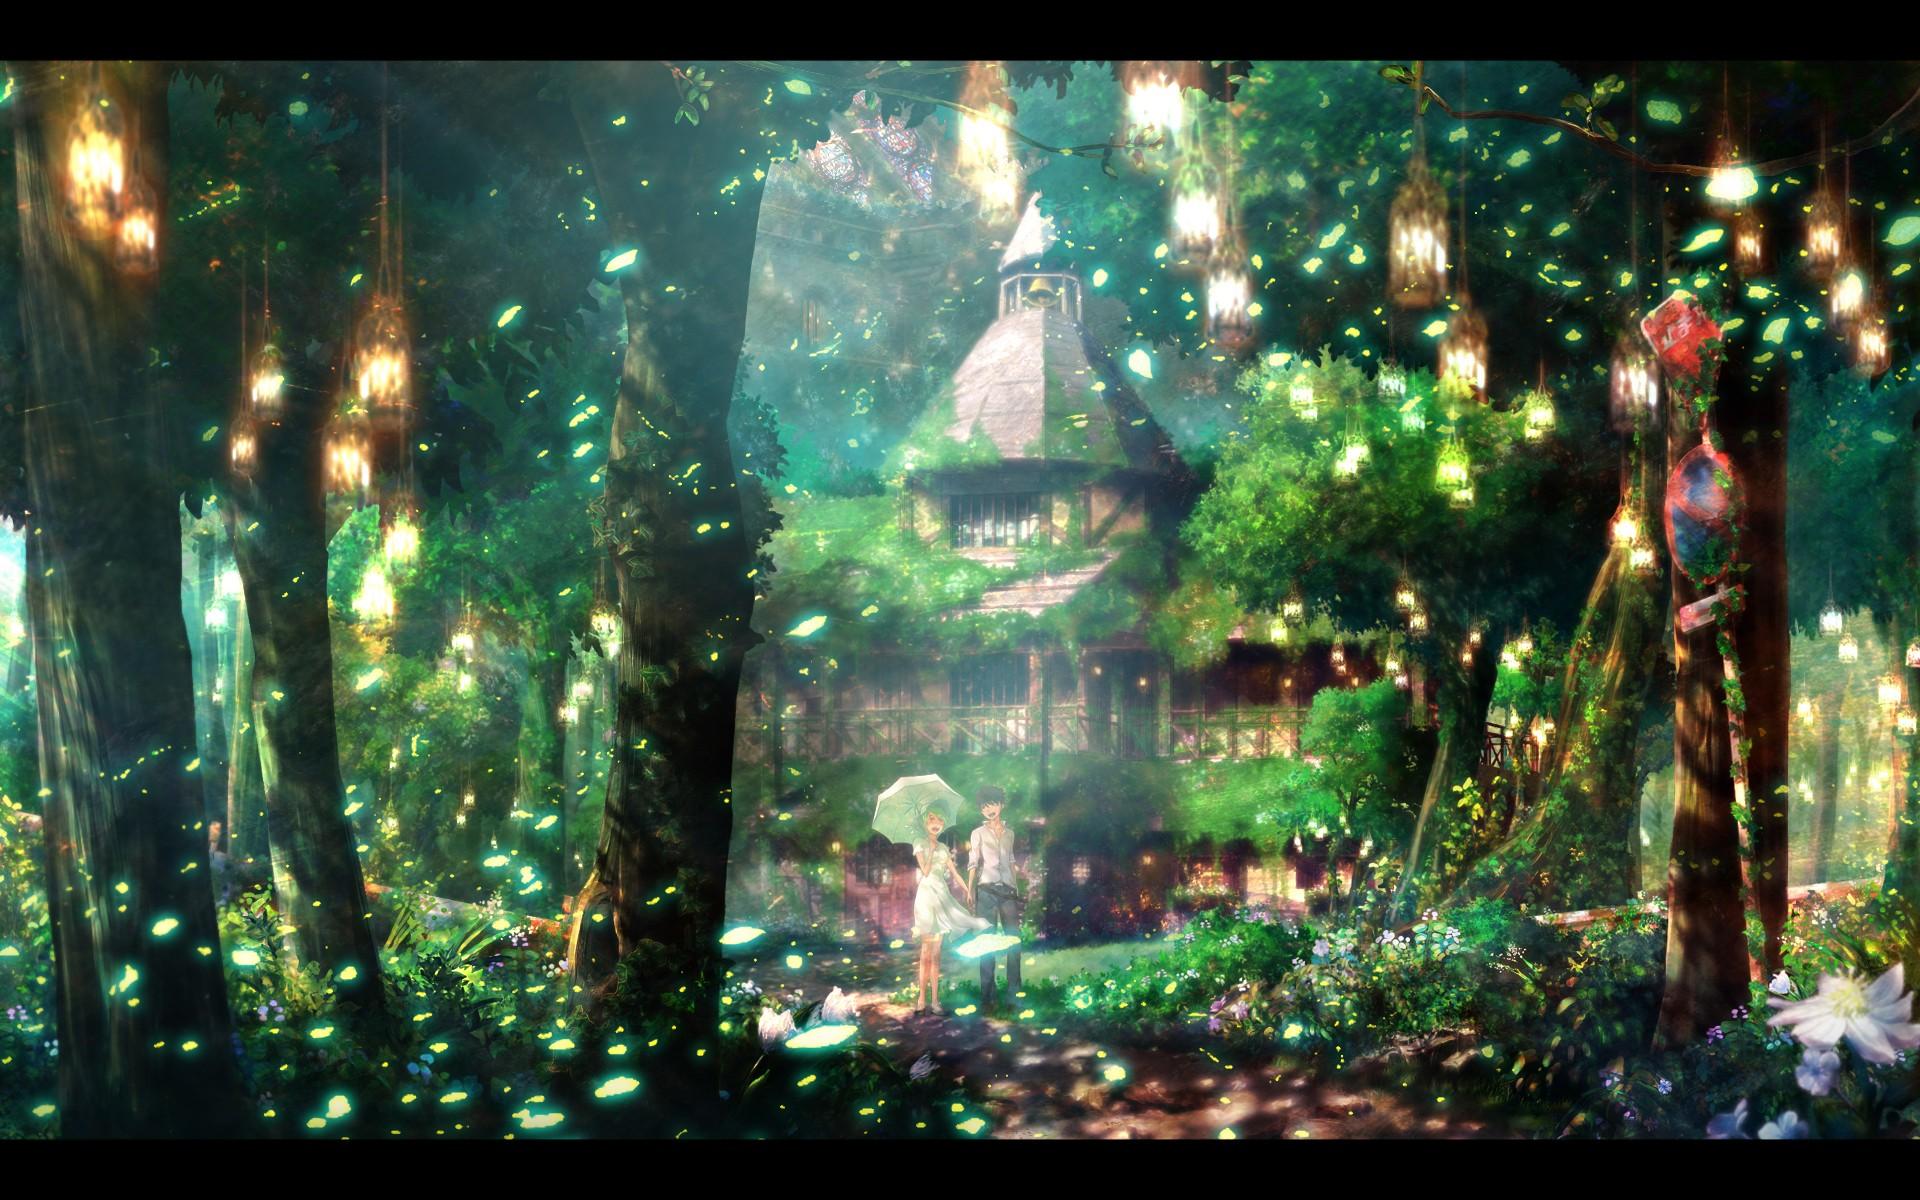 Google anime wallpapers wallpapersafari - Anime backgrounds com ...